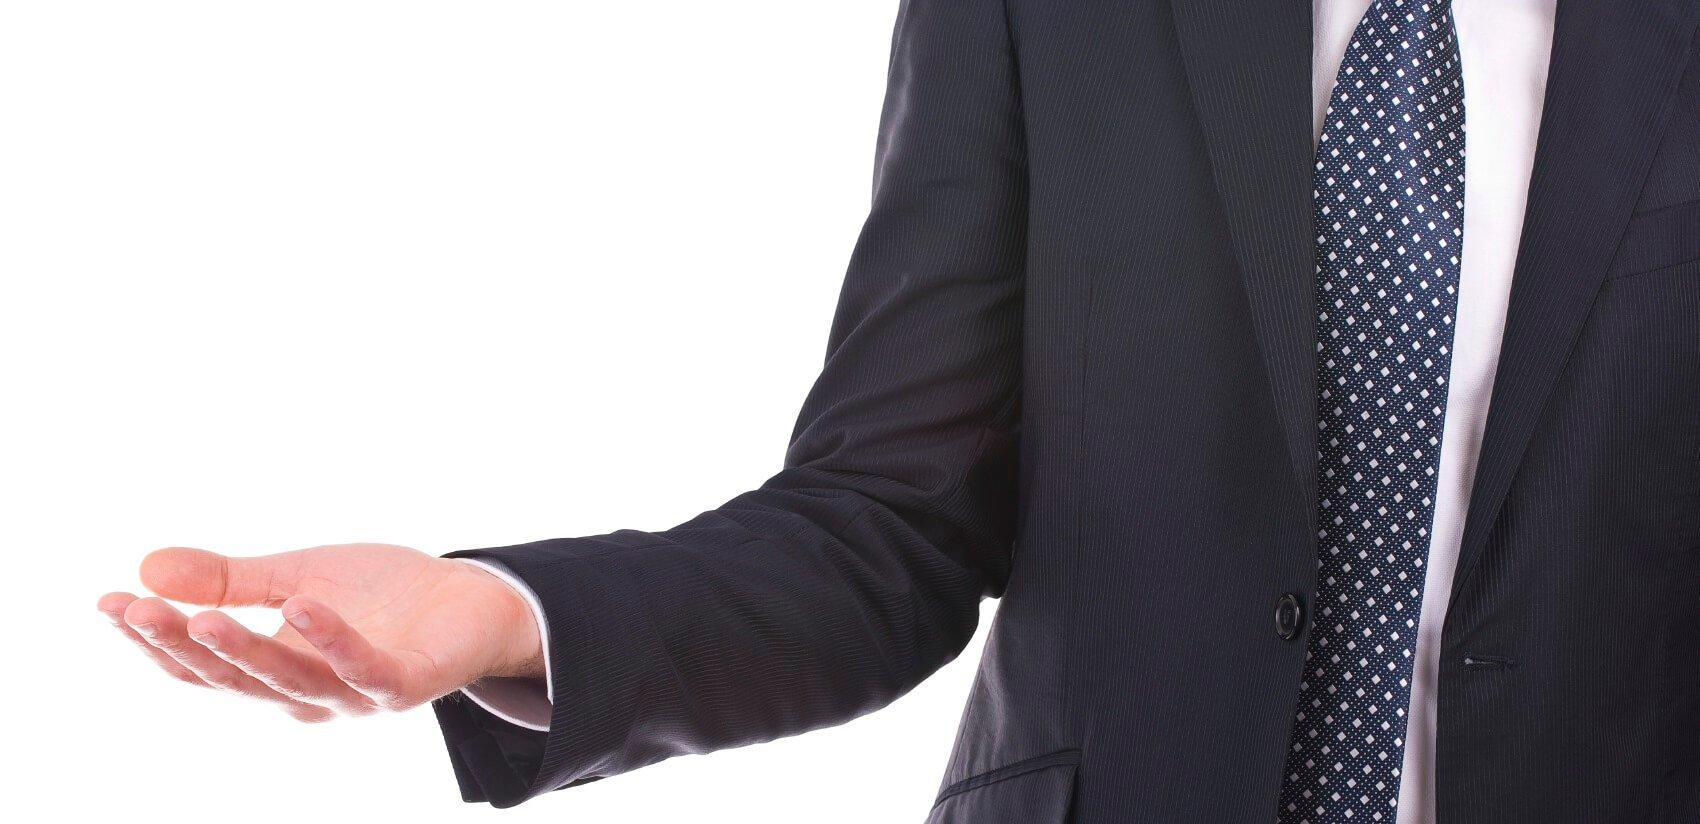 O advogado como agente de transformação social